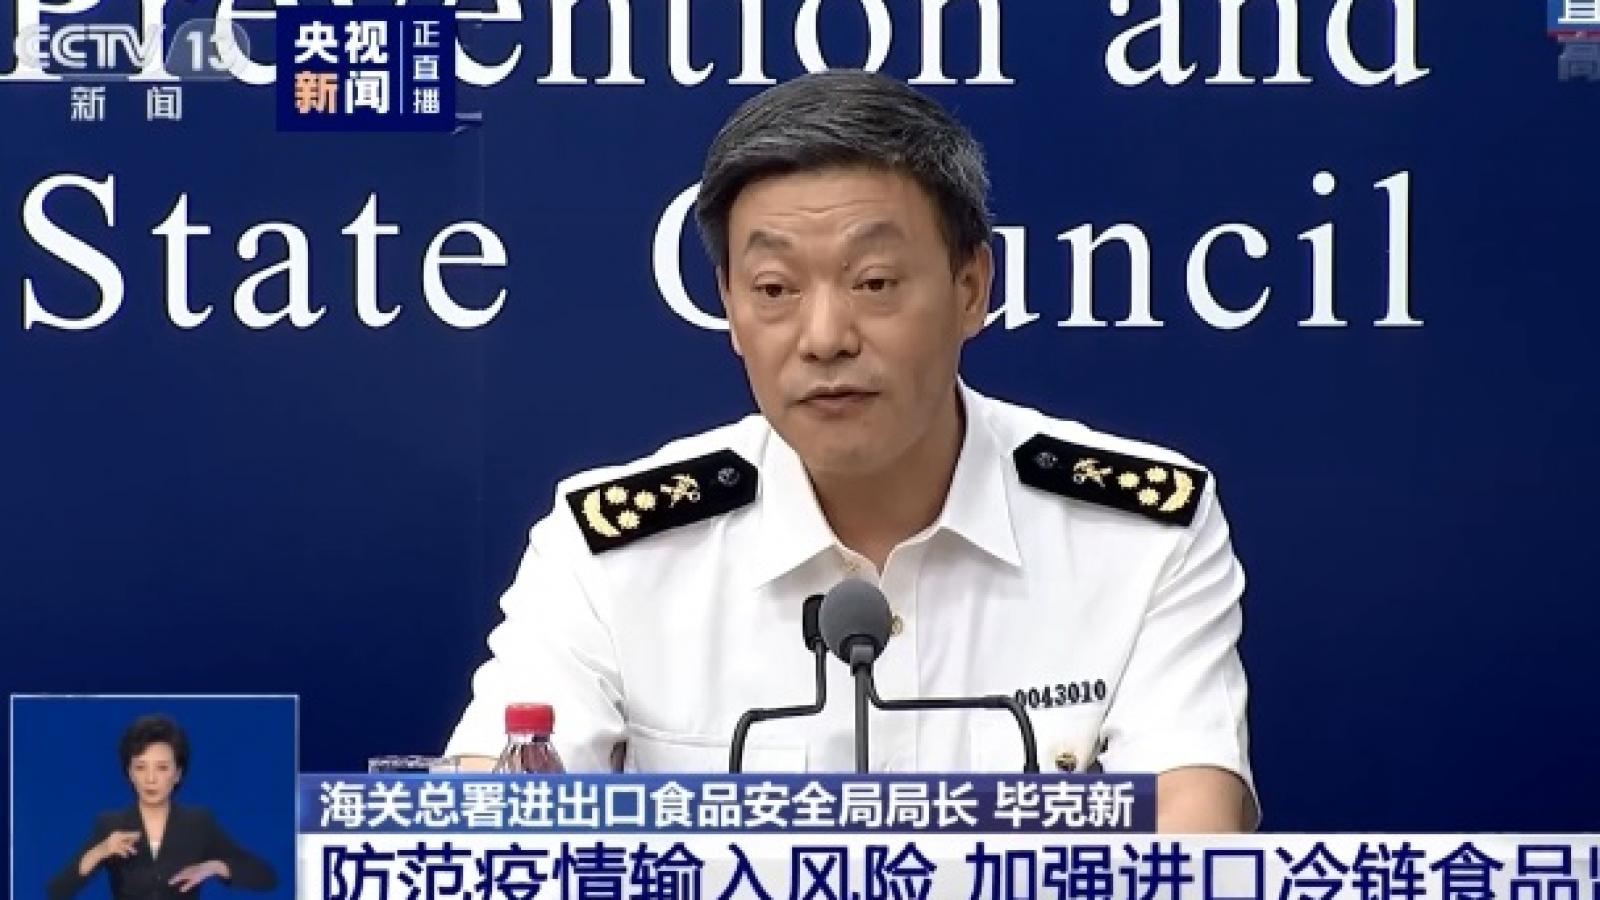 Trung Quốc tìm thấy SARS-CoV-2 trên bao bì tôm nhập khẩu từ Ecuador